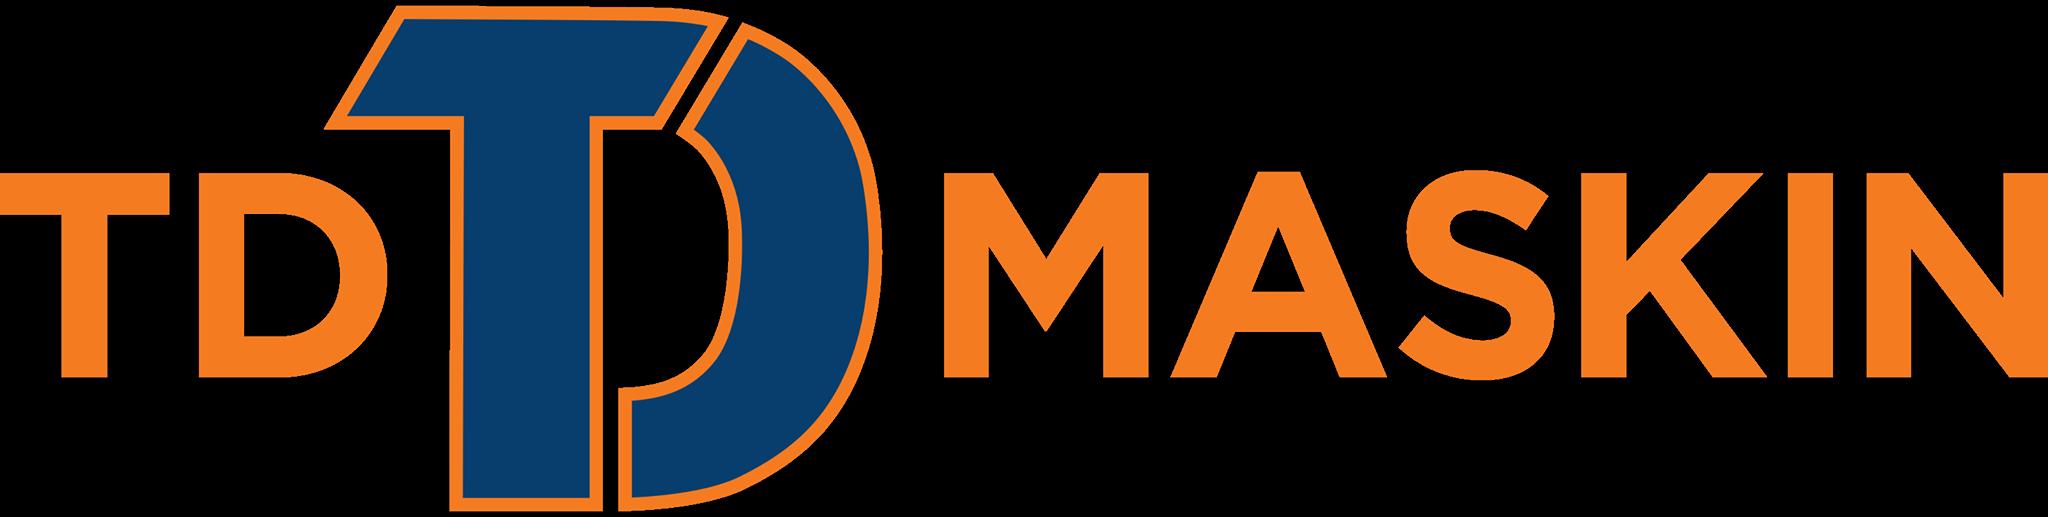 TD Maskin AS